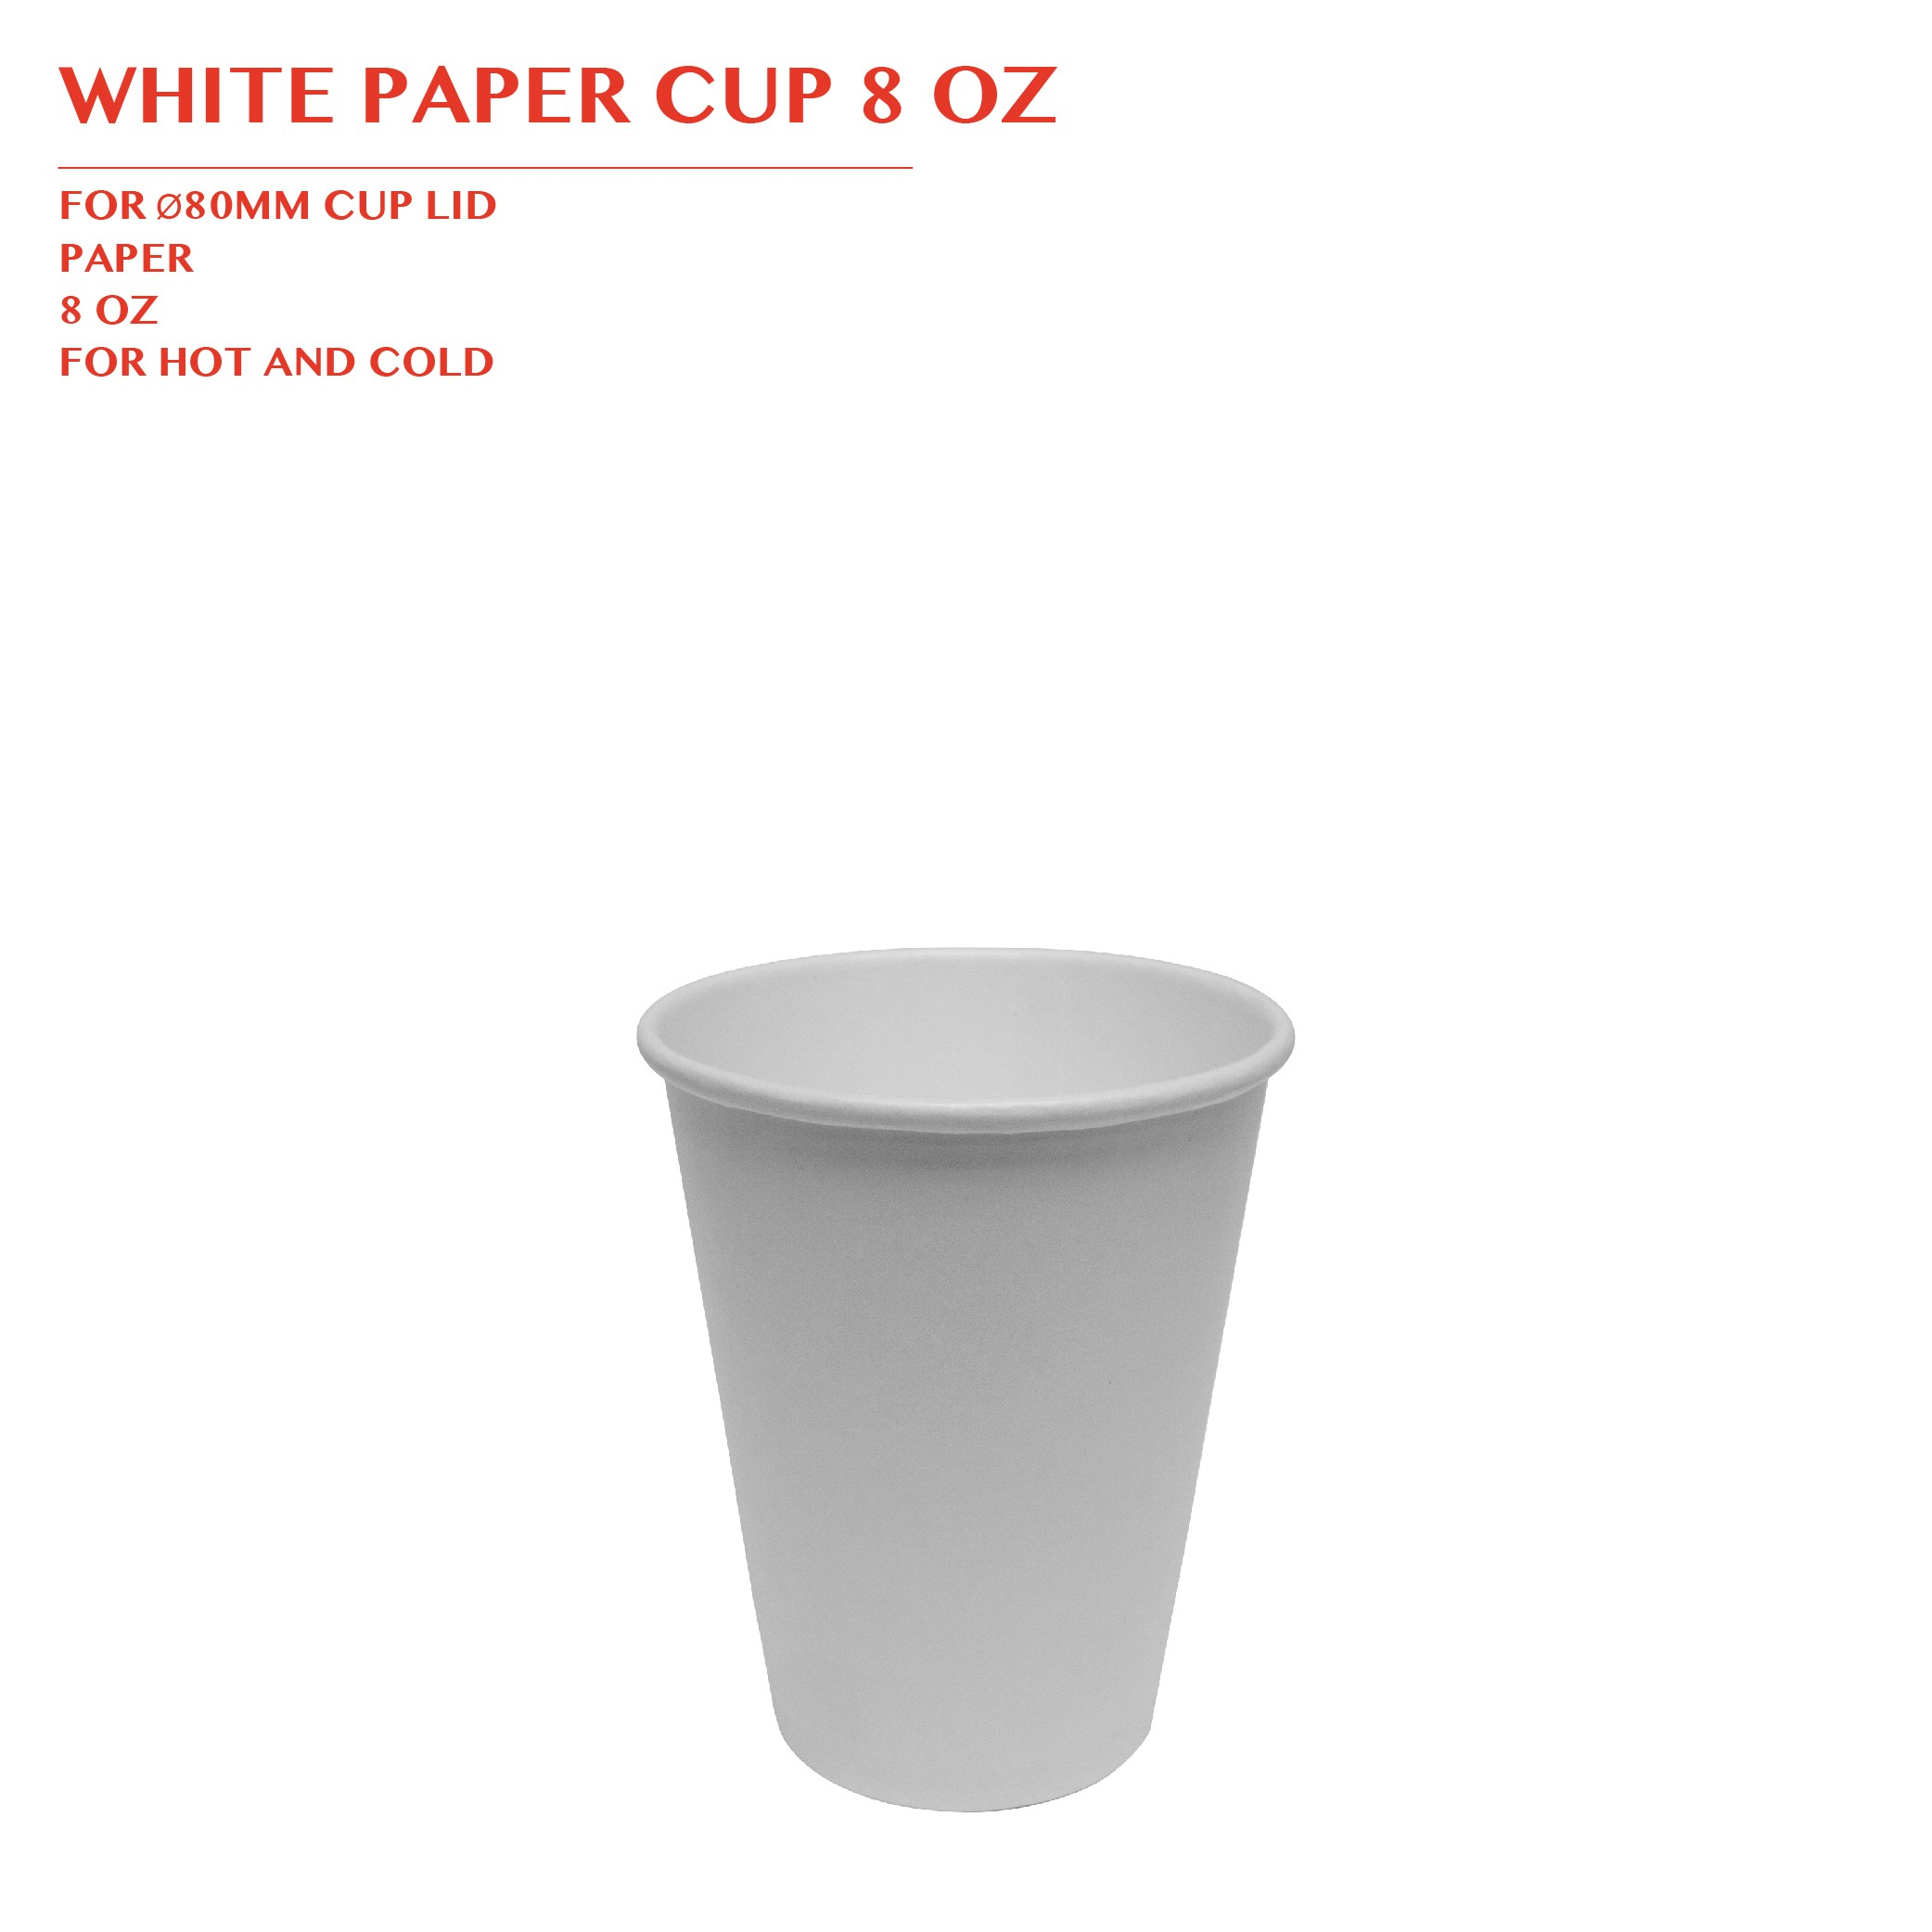 PRE-ORDER WHITE PAPER CUP 8 OZ 1000PCS/CTN